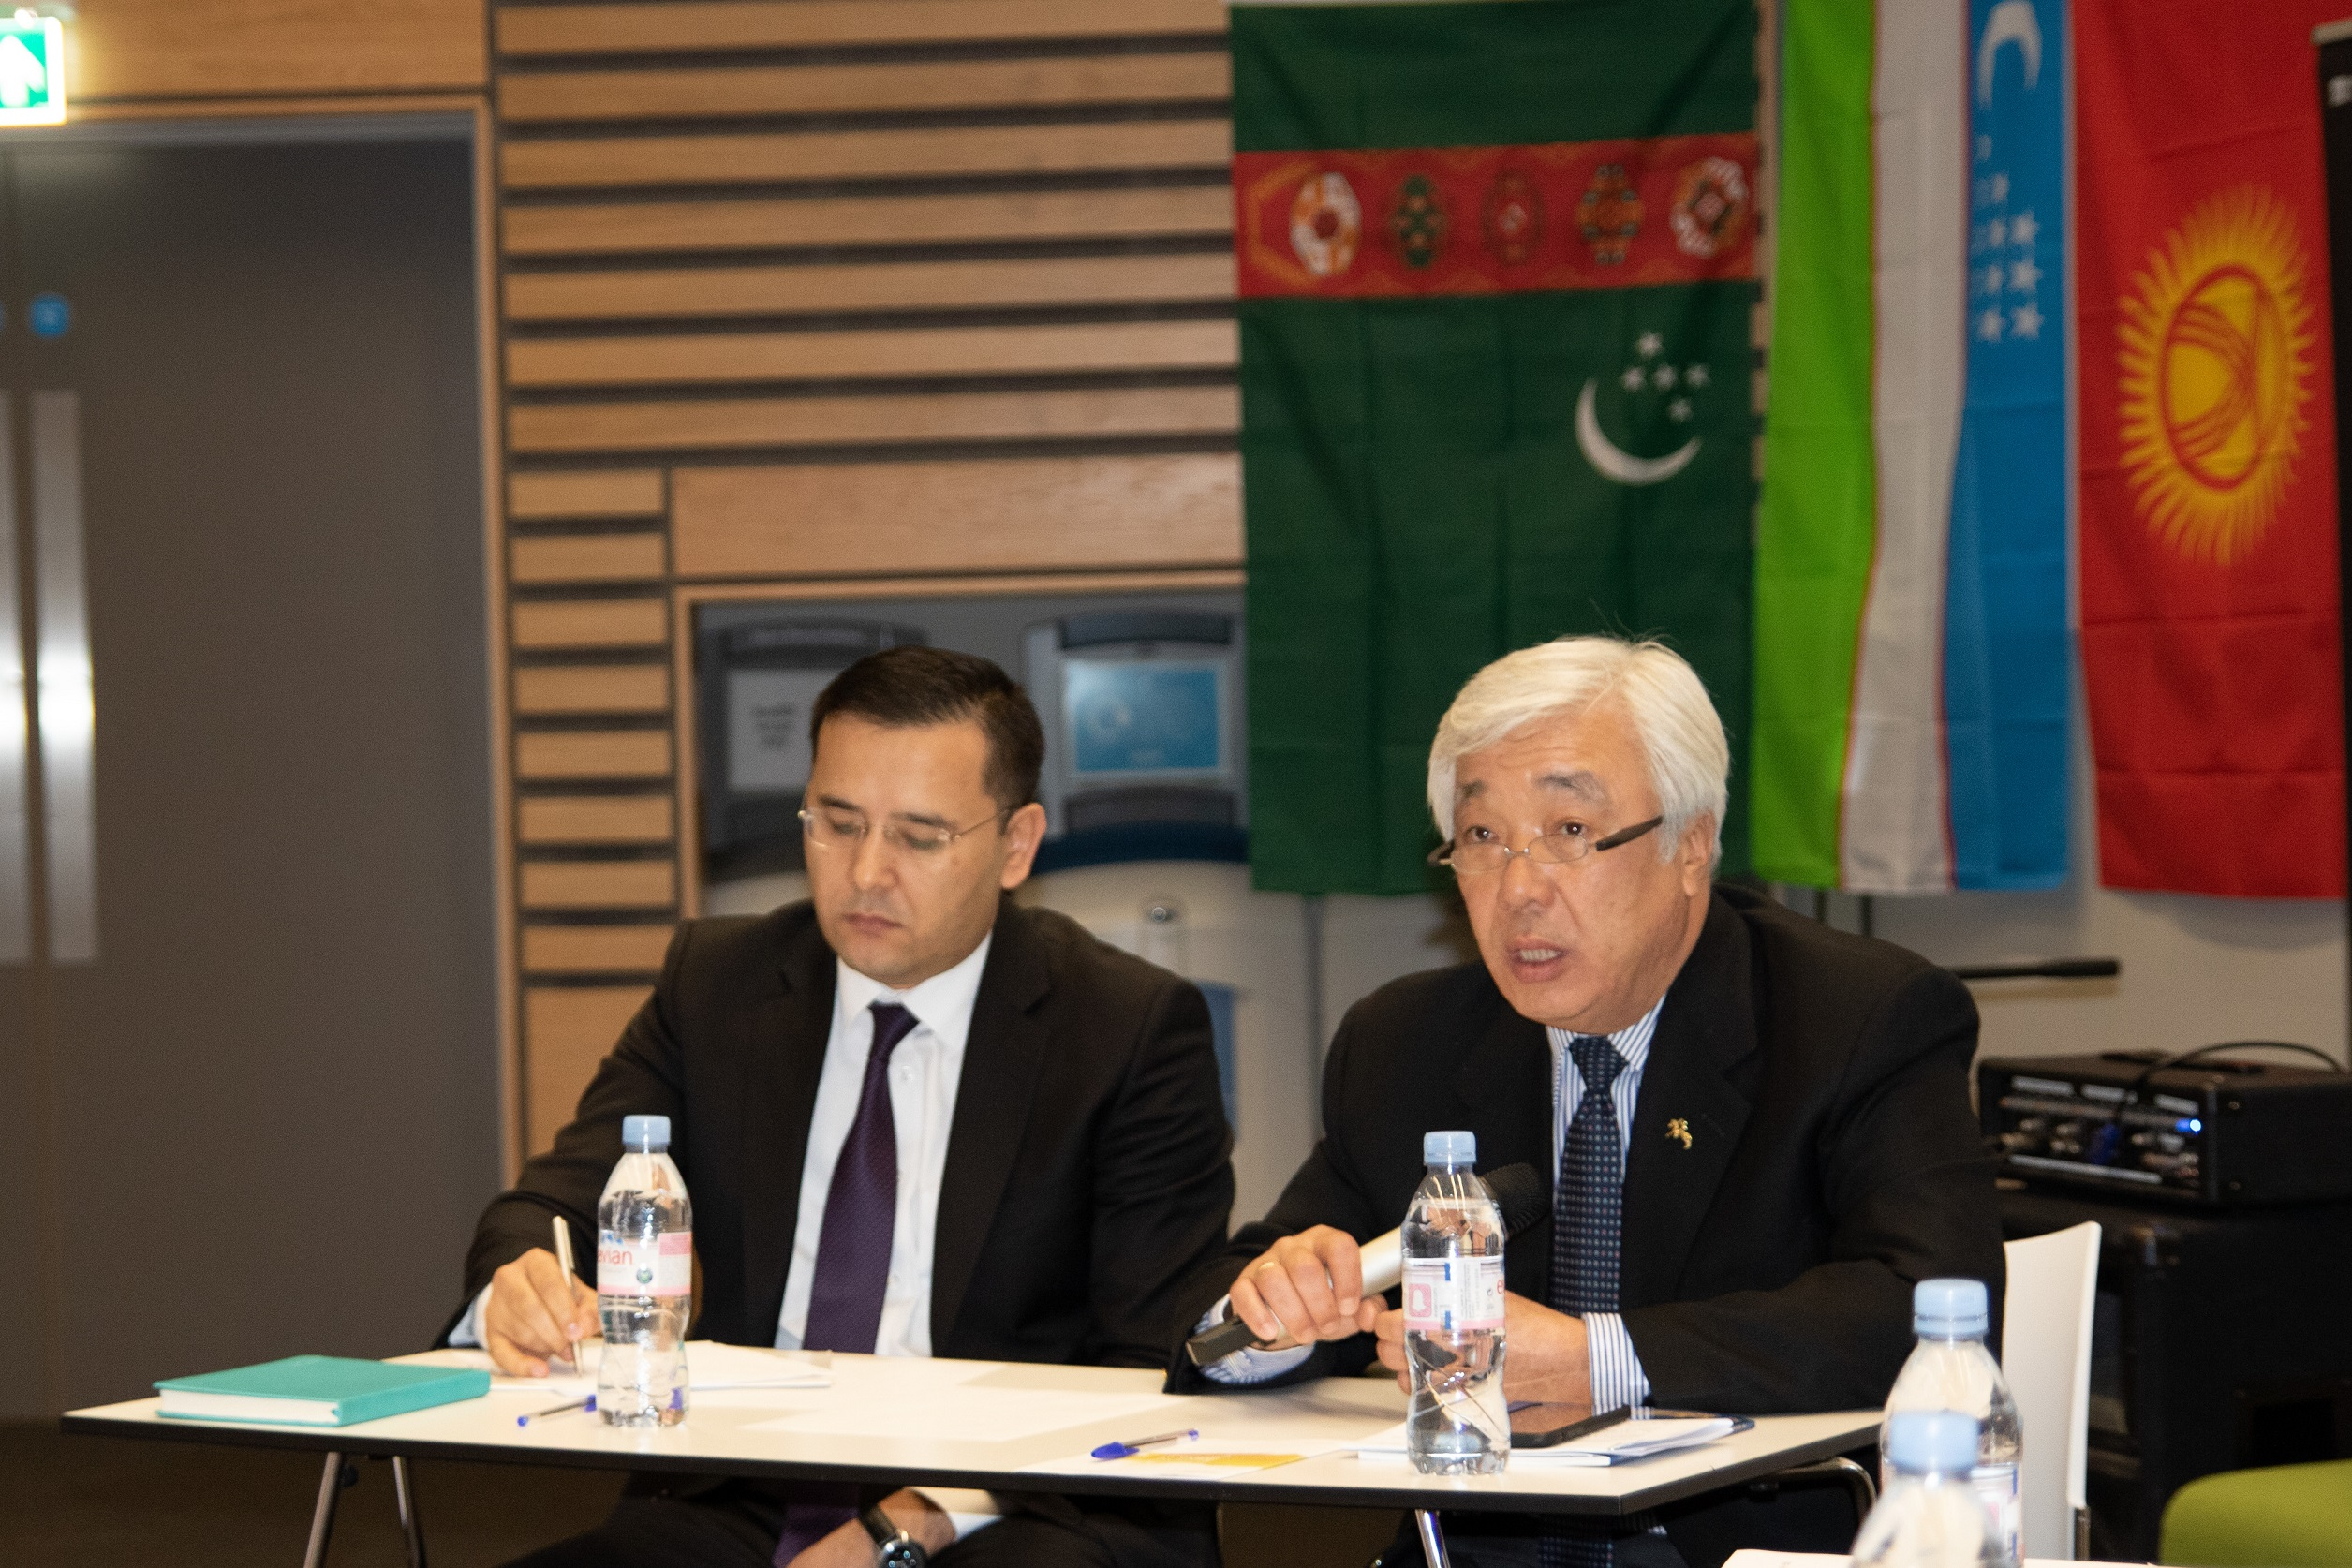 哈萨克斯坦驻英大使出席沃里克大学中亚论坛谈一带一路